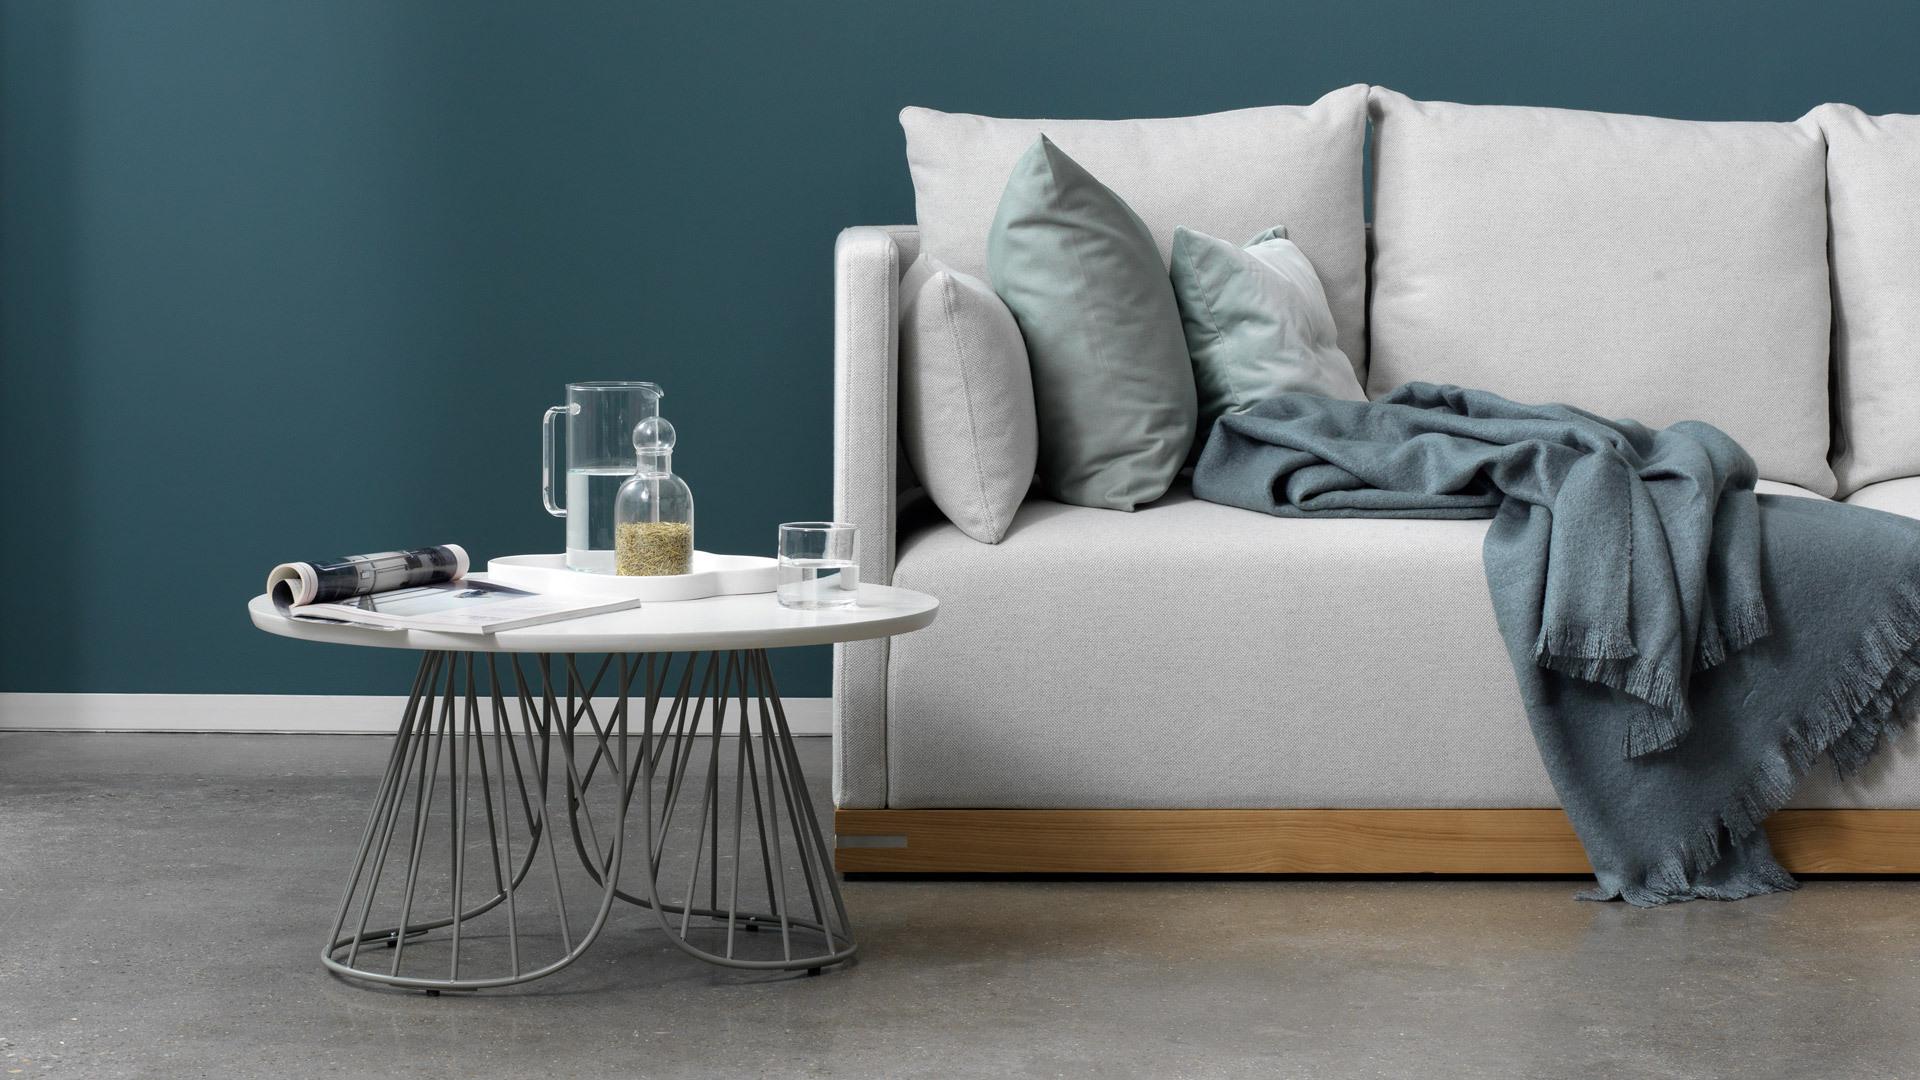 沙发边,置物与美感触手即得